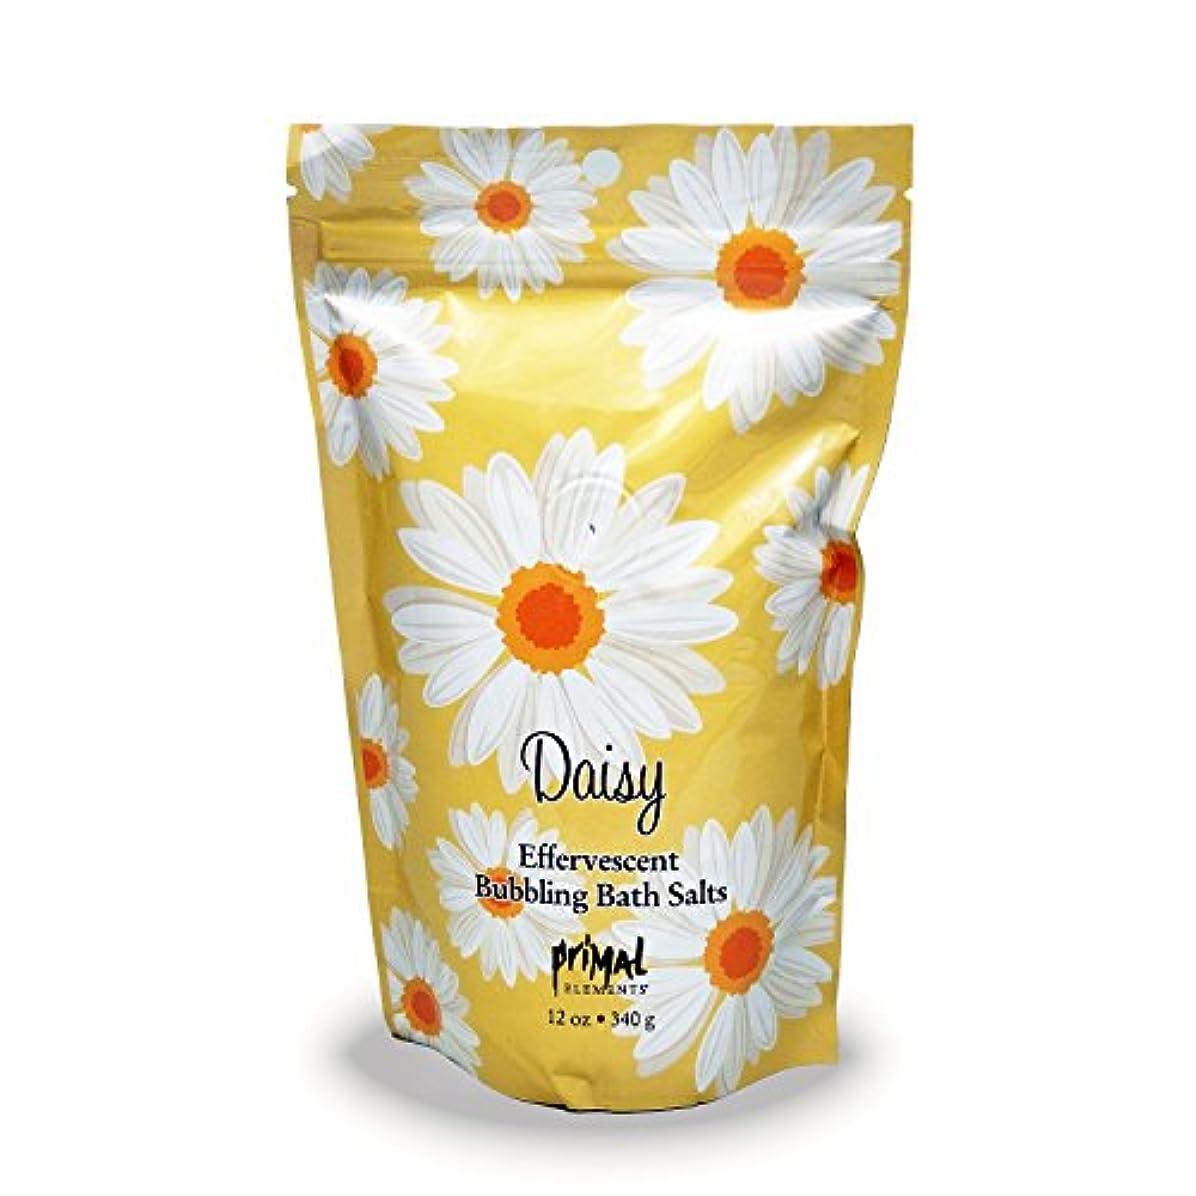 ぴったりセメント疫病プライモールエレメンツ バブリング バスソルト/デイジー 340g エプソムソルト含有 アロマの香りがひろがる泡立つ入浴剤